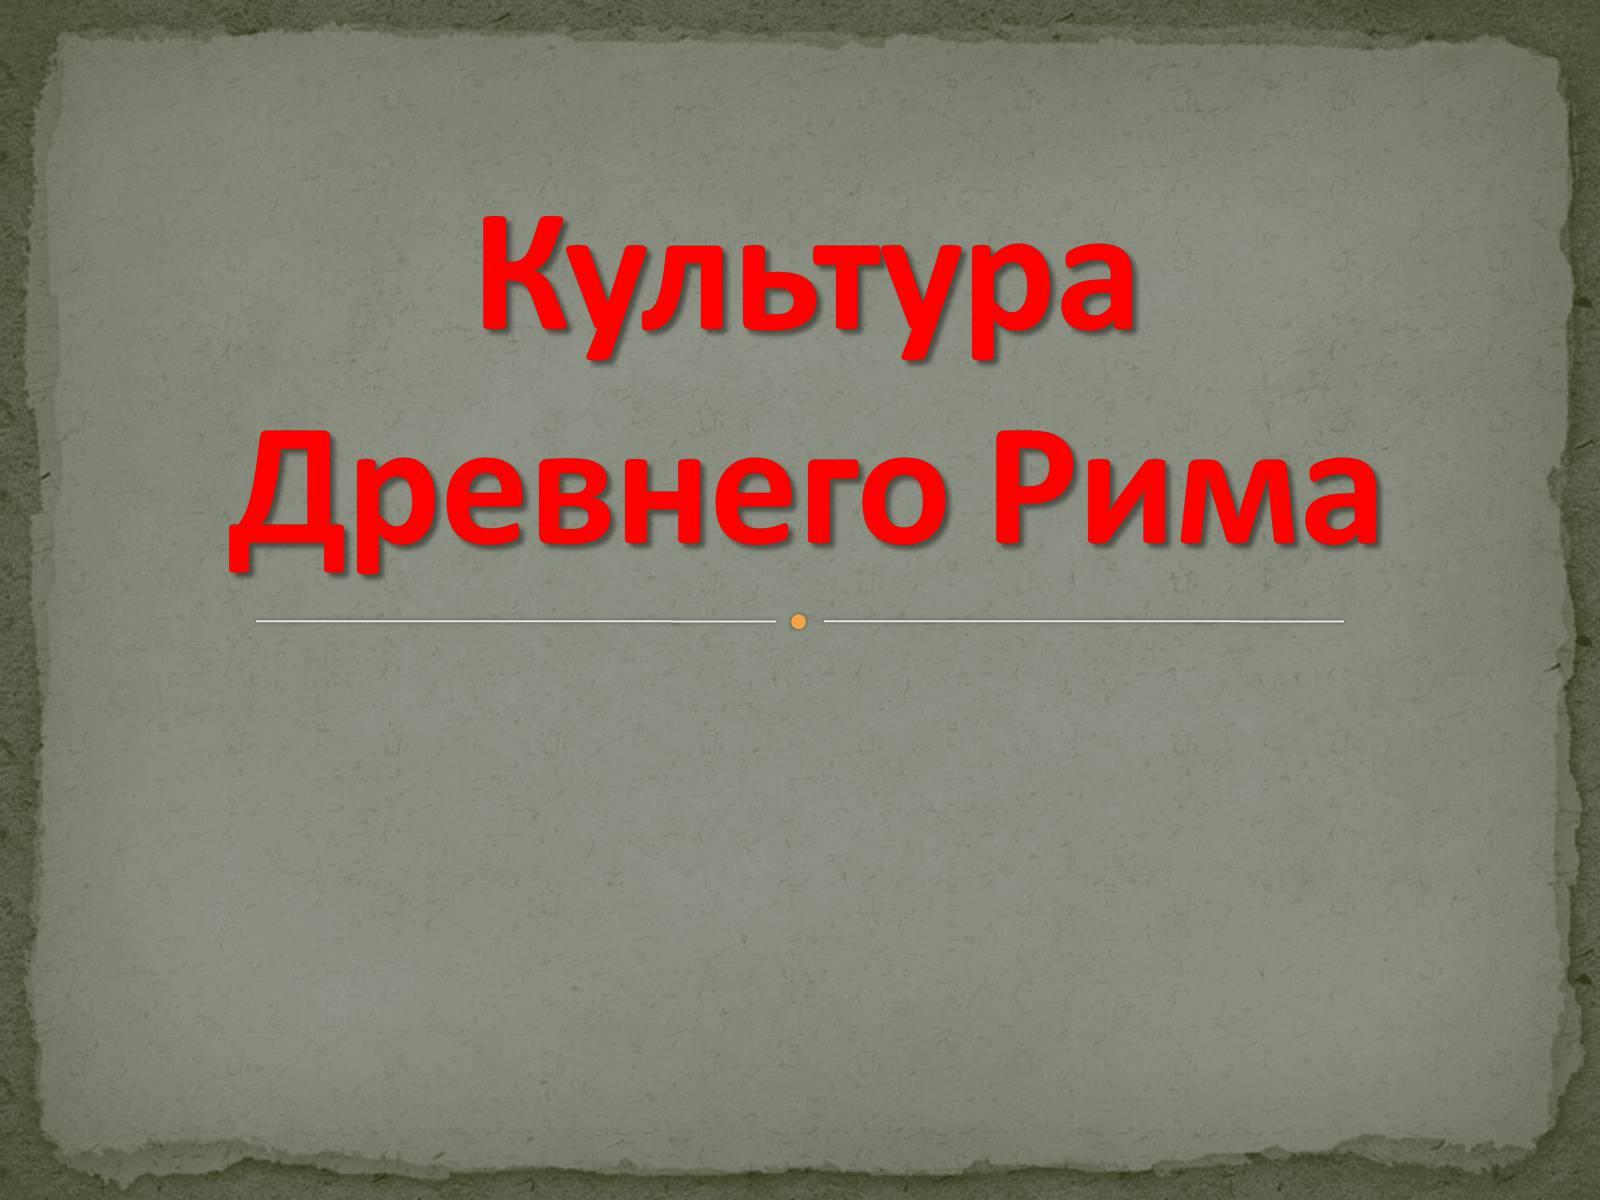 prezentatsiya-na-temu-kultura-rima-intellektualnie-sredstva-izmereniy